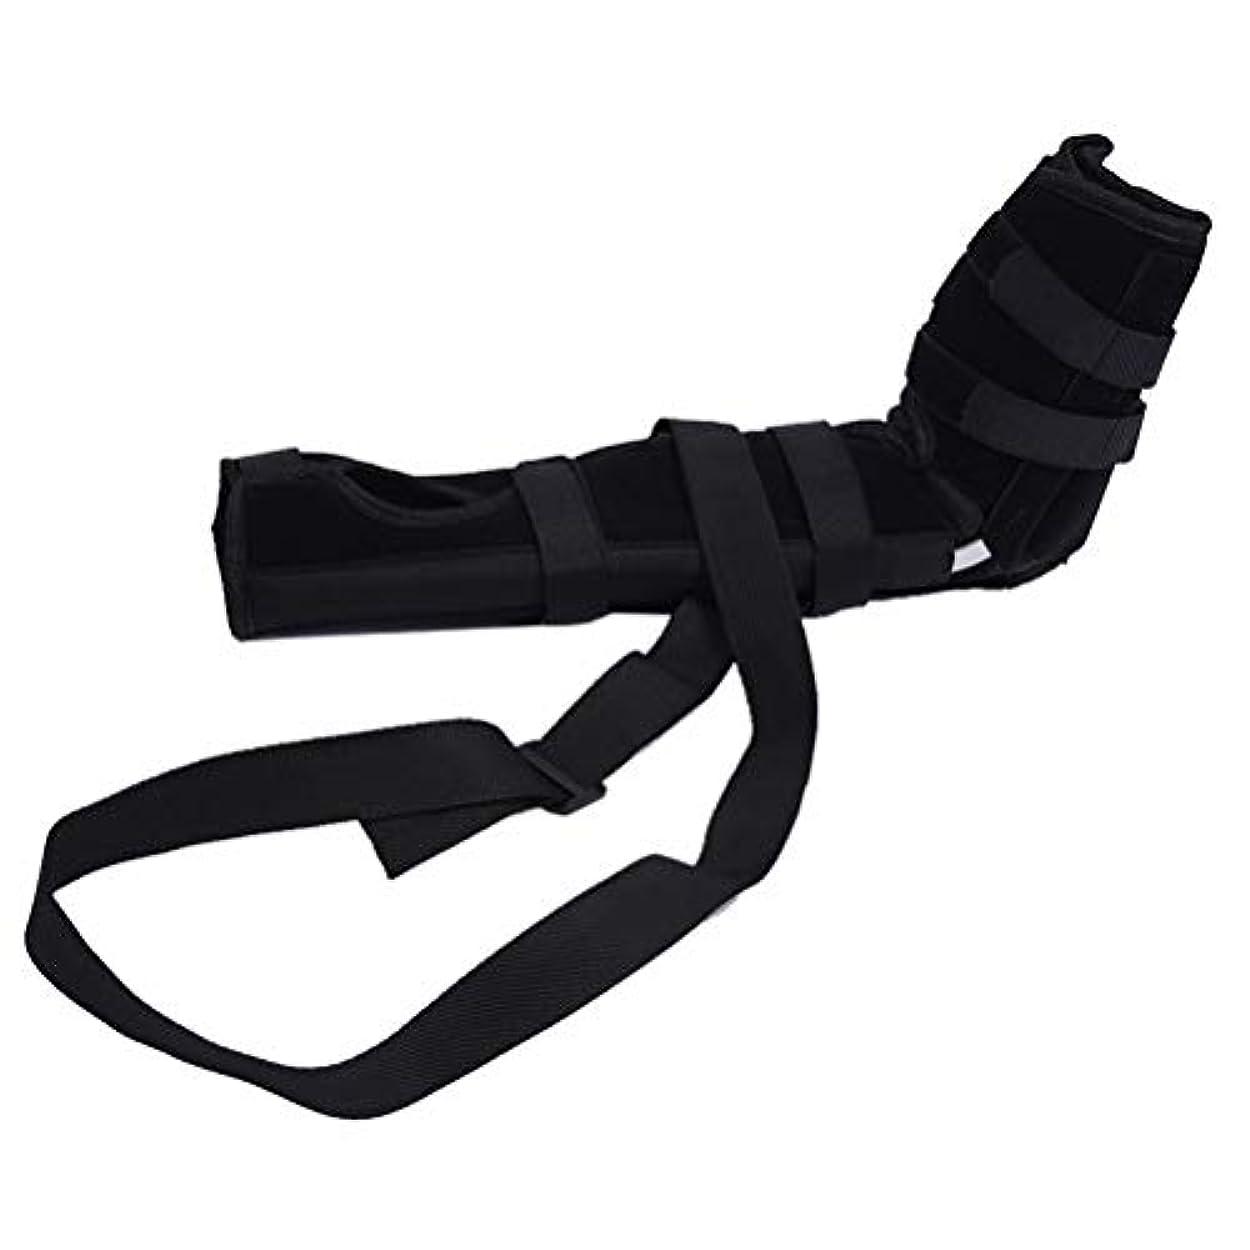 カートぶら下がる情報SUPVOX 肘ブレース 関節サポート アームリーダー 保護 固定 腕つり 関節 保護 男女兼用 調節可能 通気性 術後ケアブレース(ブラック サイズS)